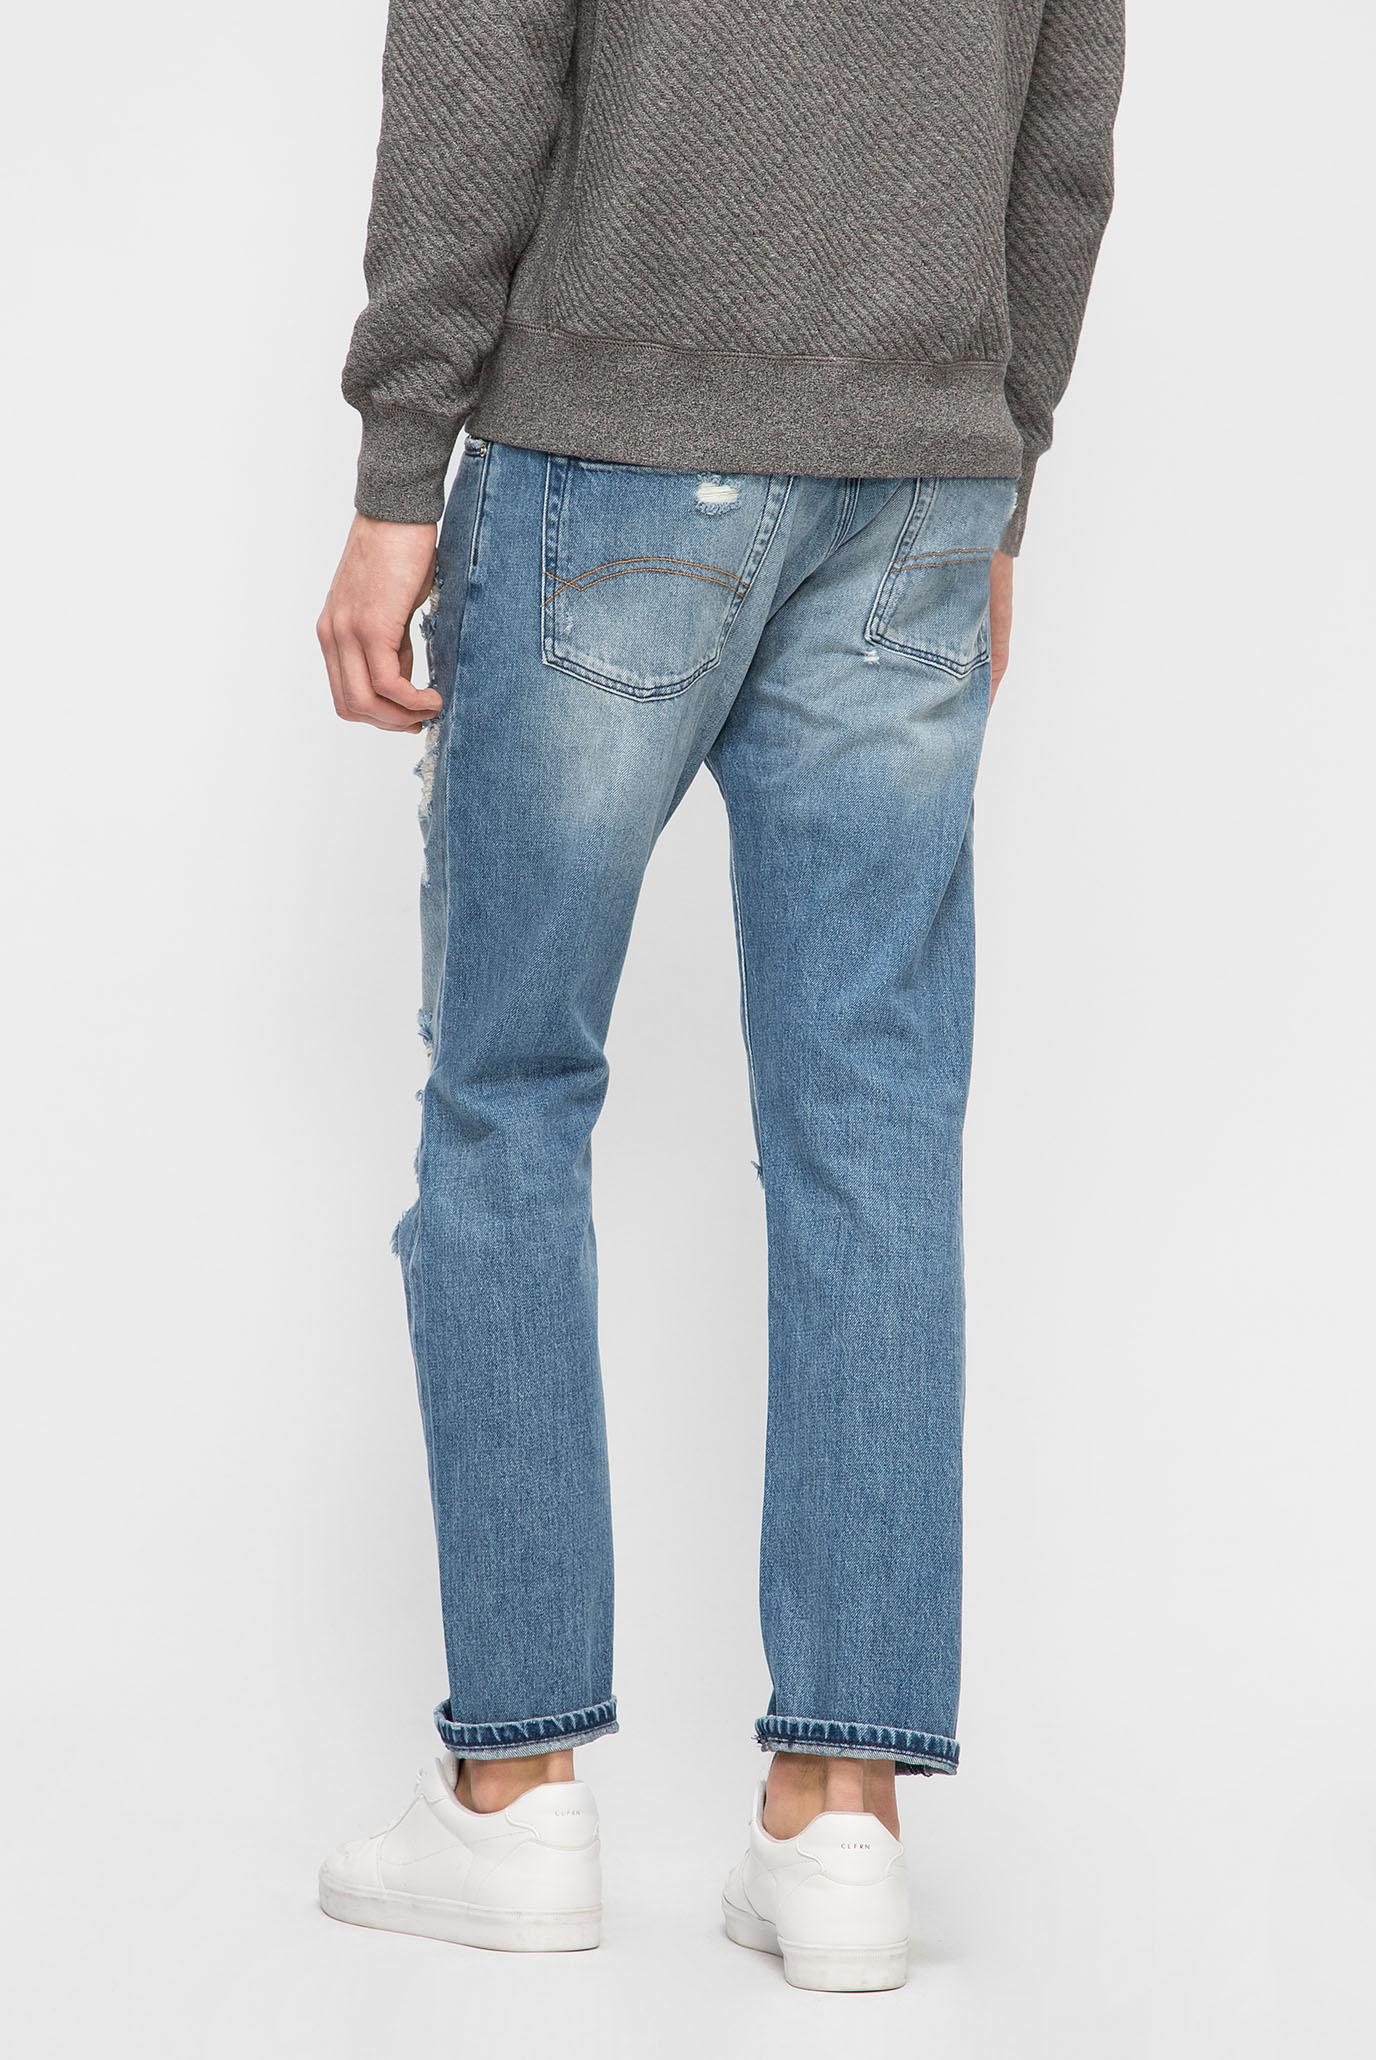 Купить Мужские синие джинсы STRAIGHT SLATER CLBLRIDE Tommy Hilfiger Tommy Hilfiger DM0DM03922 – Киев, Украина. Цены в интернет магазине MD Fashion